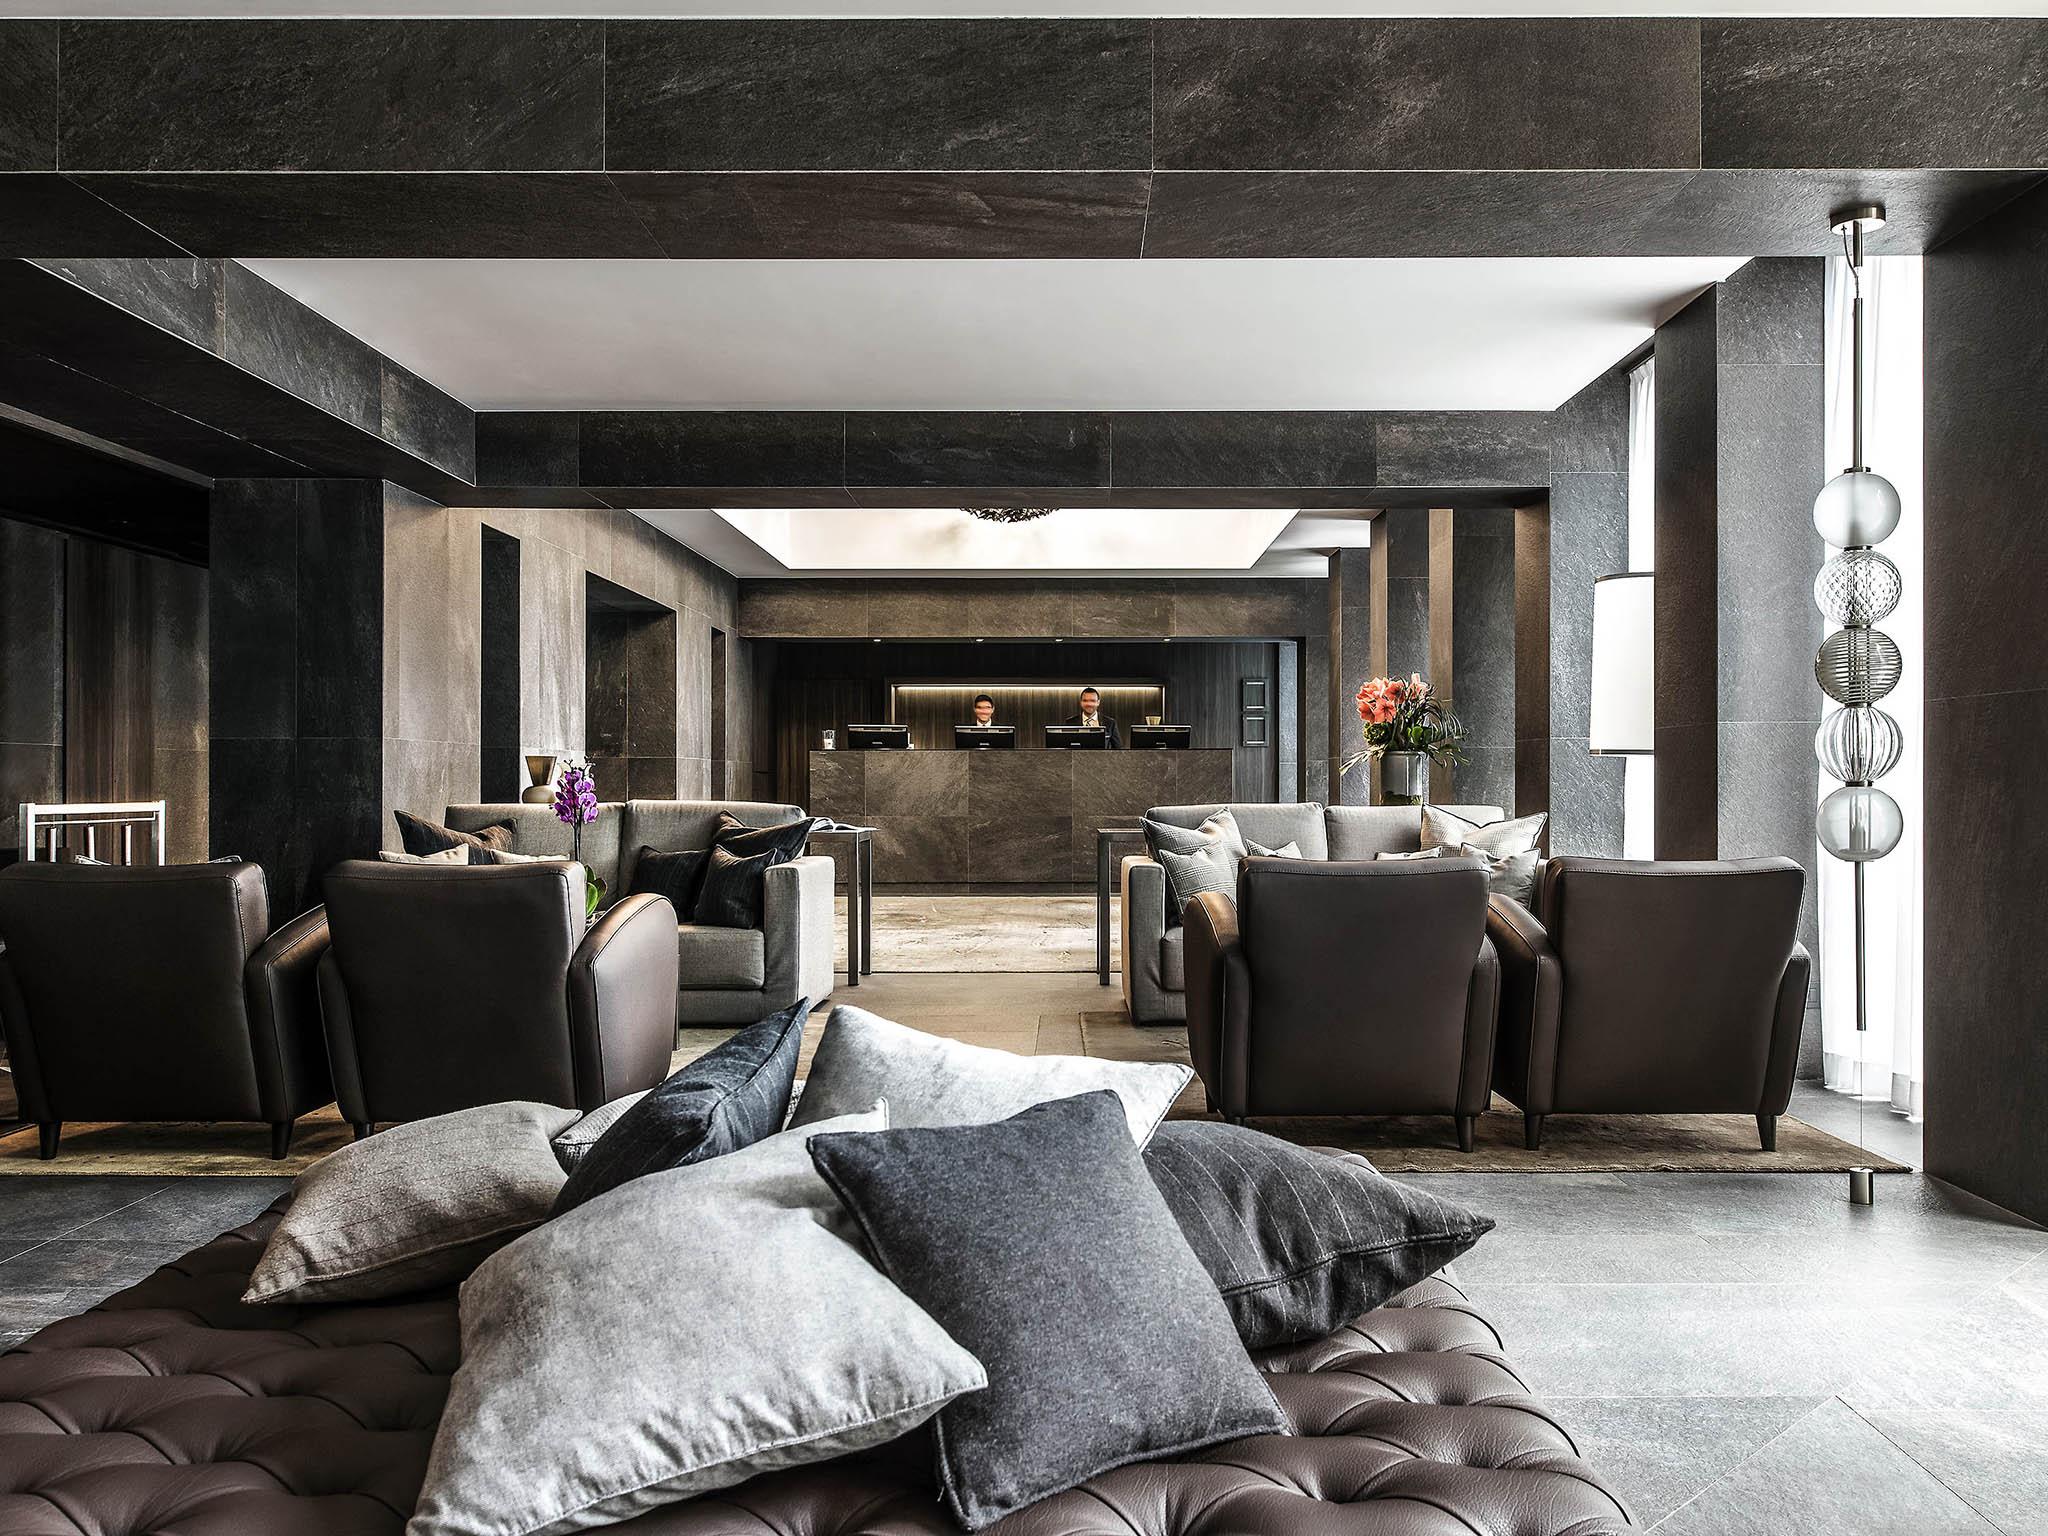 Hotel lagare hotel milano centrale mgallery by sofitel - Interior designer milano ...